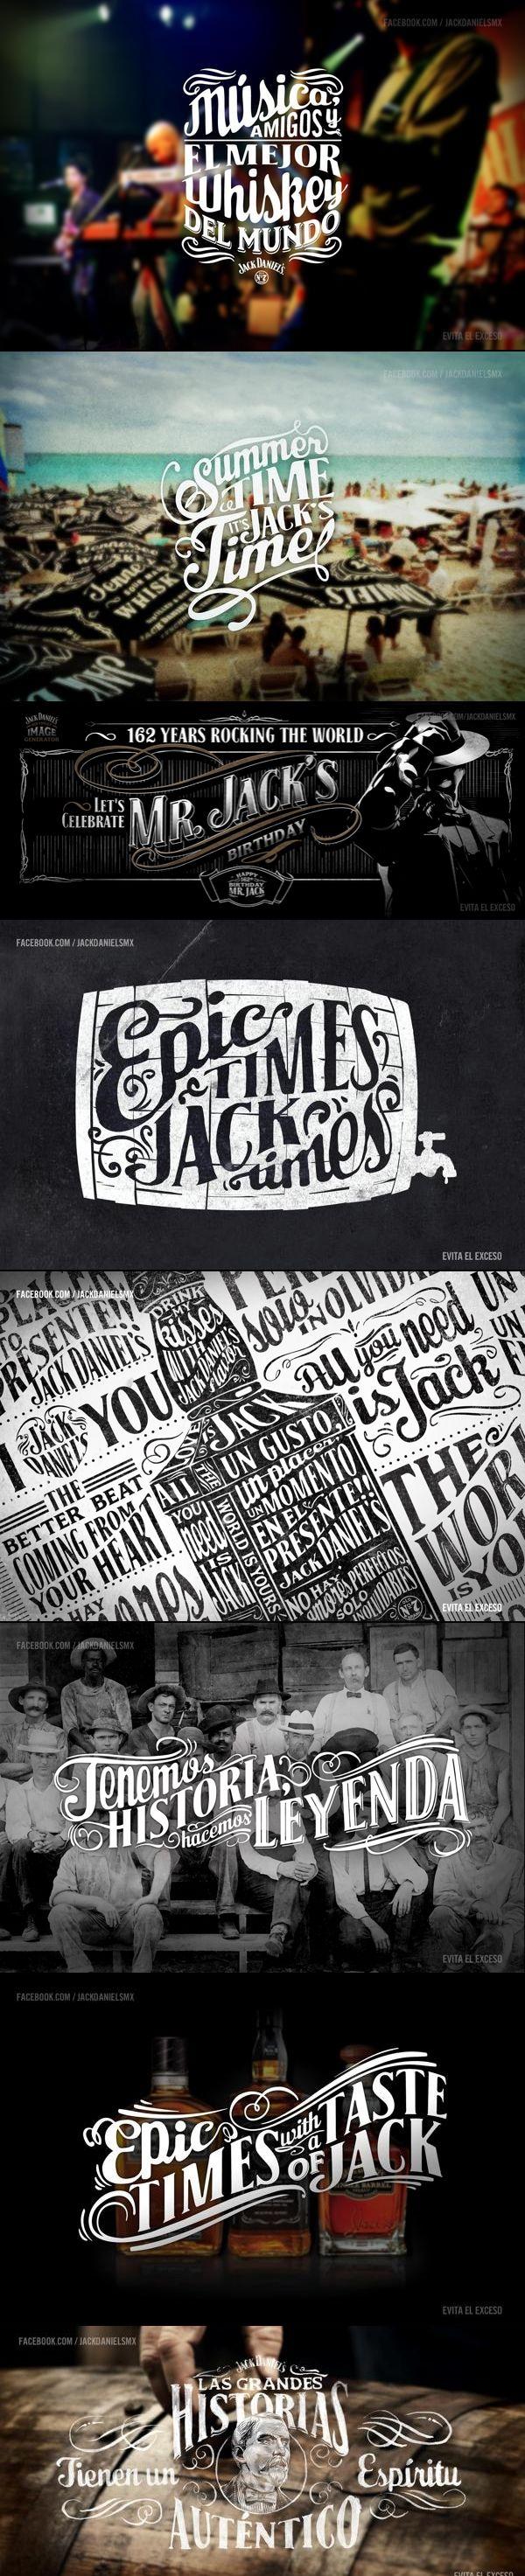 Abraham García Sánchez para la marca de whiskey estadounidense Jack Daniel's en redes sociales.